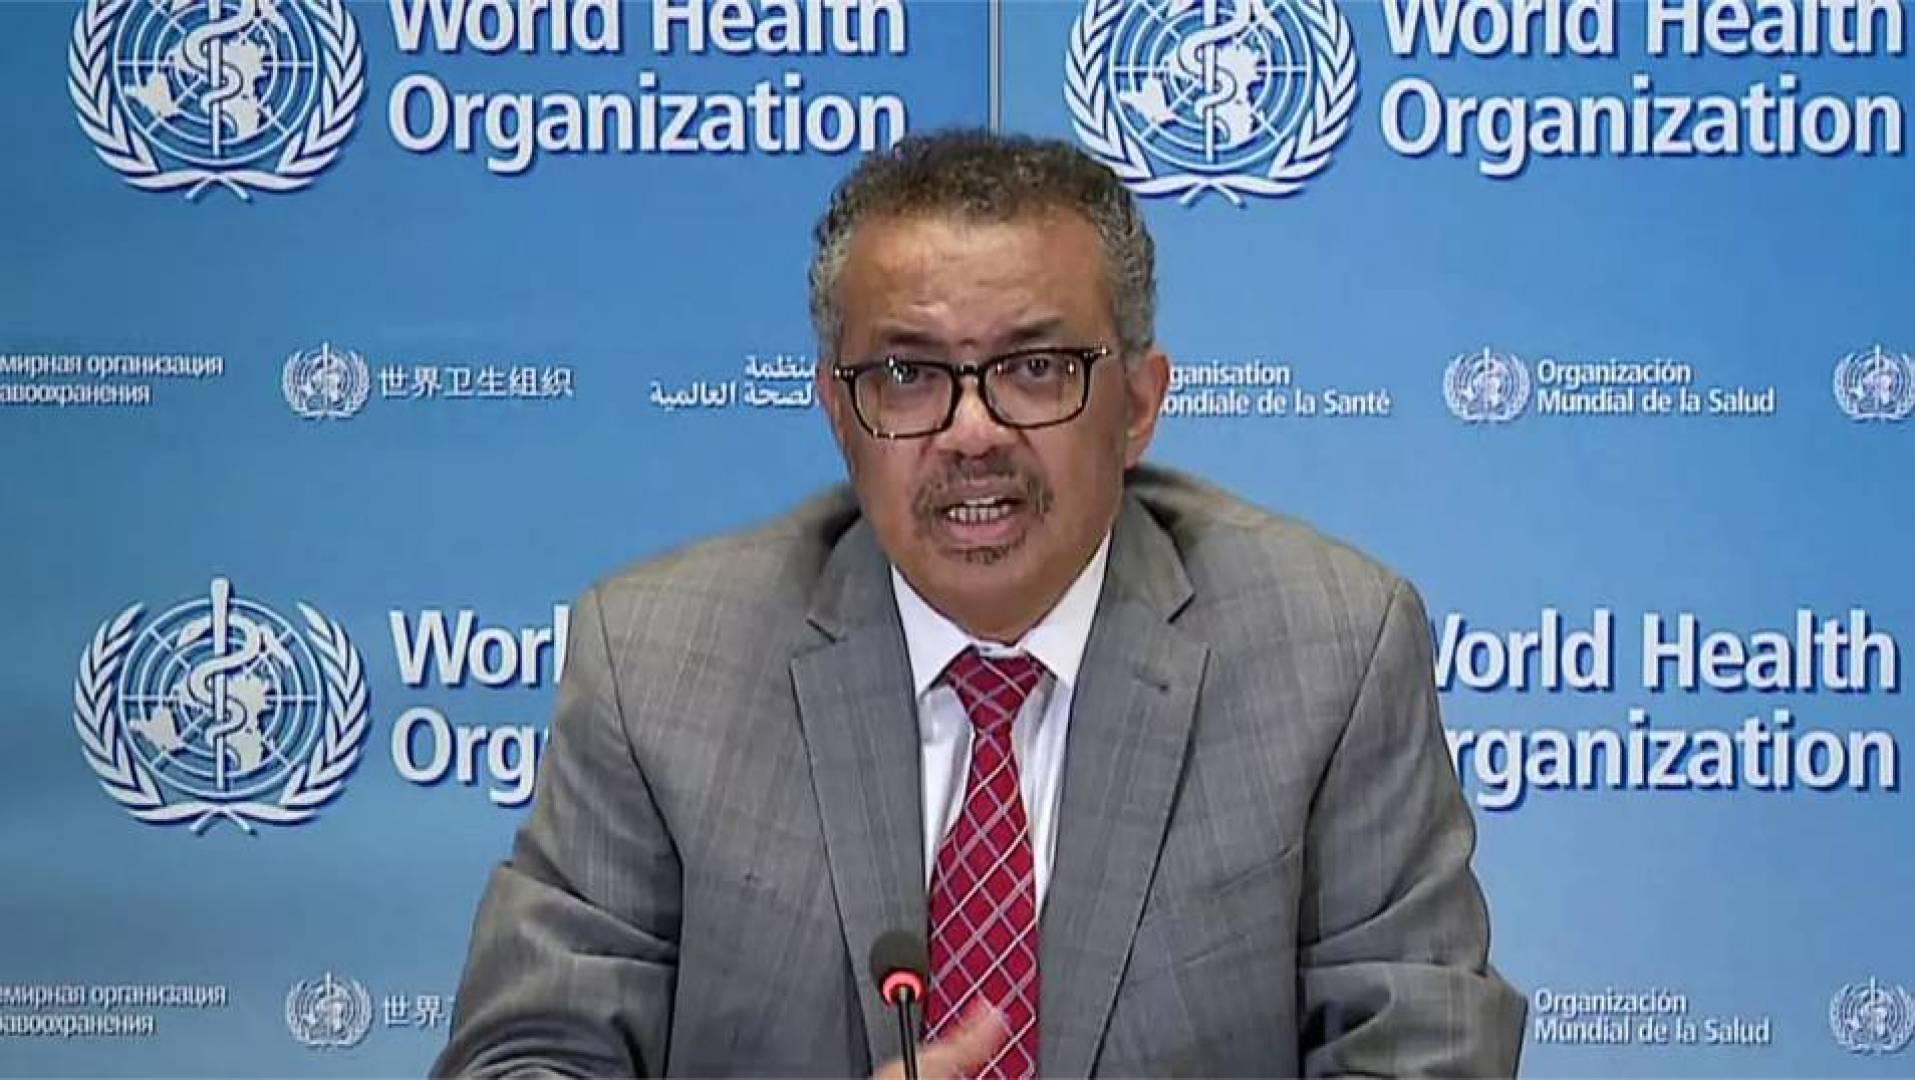 الصحة العالمية تدعو الحكومات للتركيز على منع انتشار كورونا